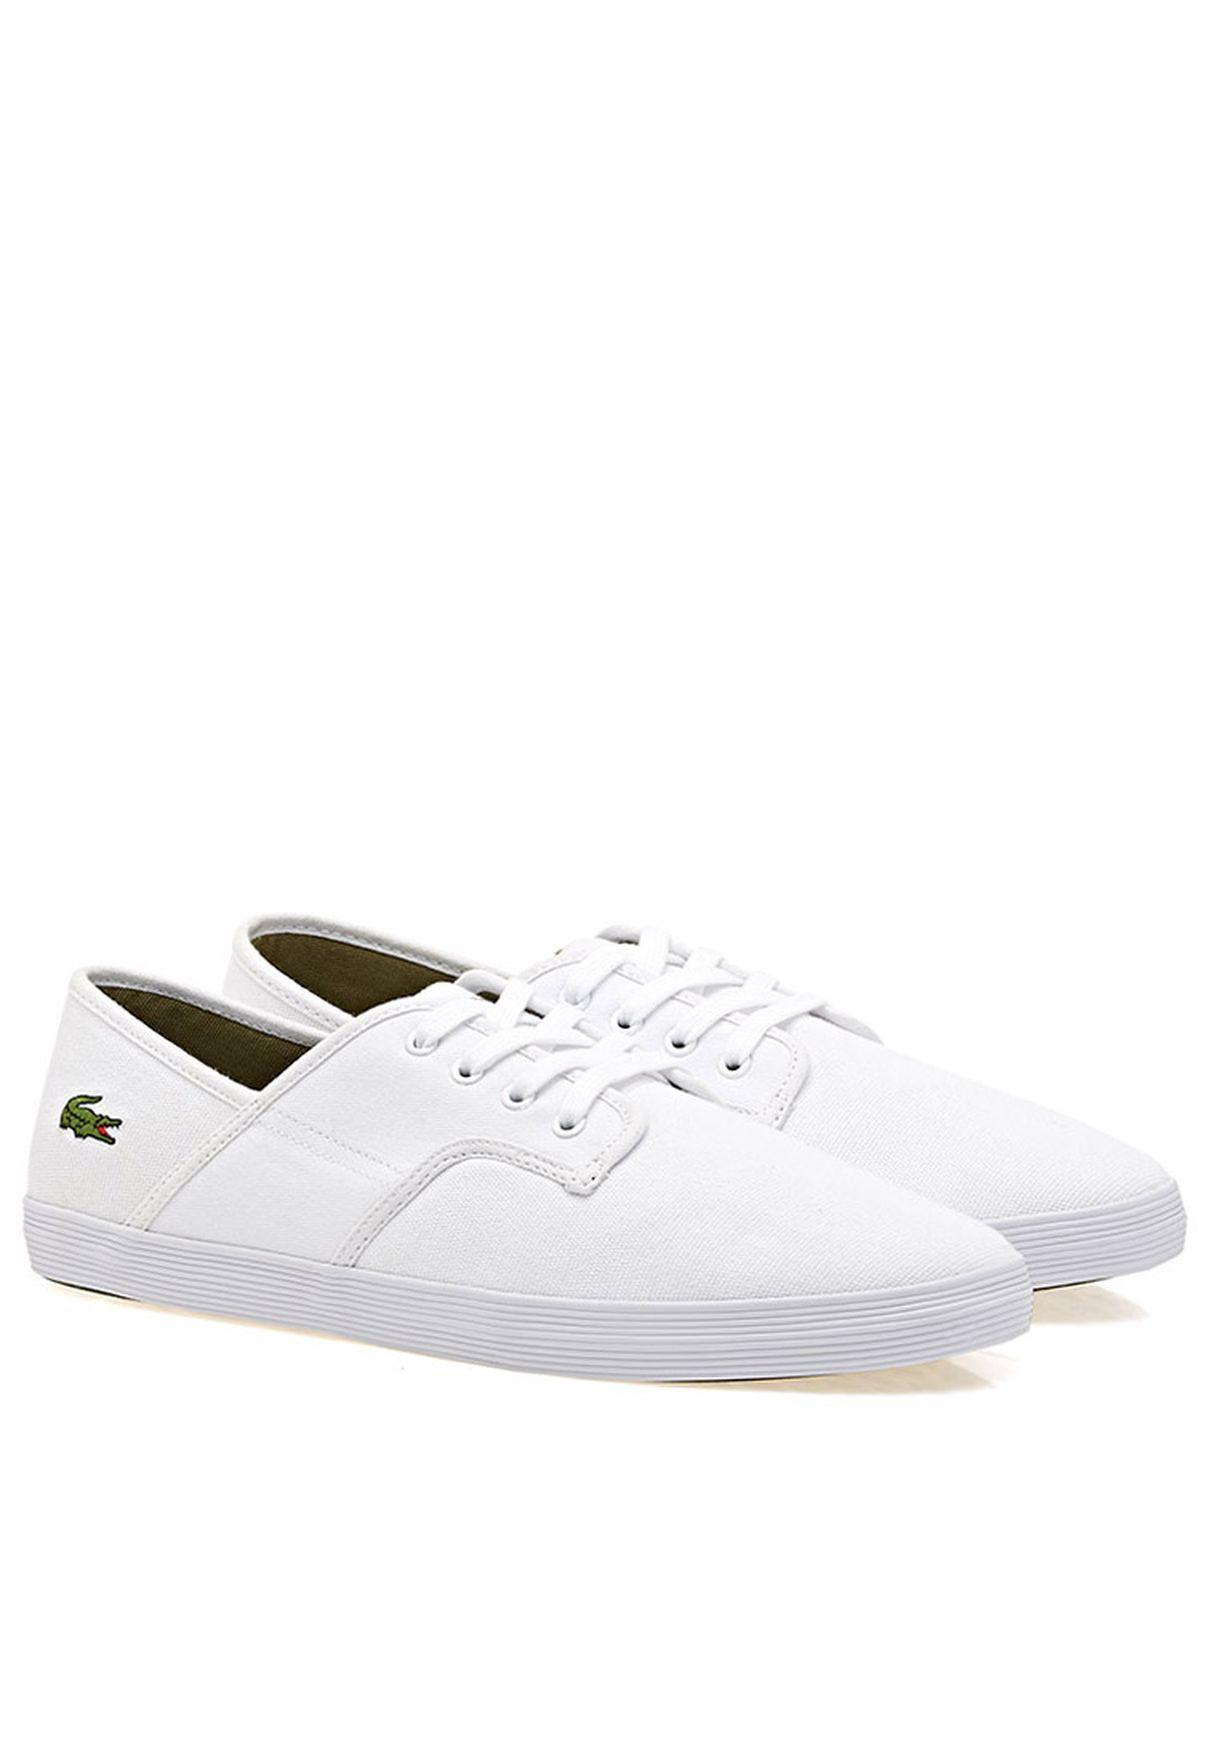 34437da05 Shop Lacoste white Andover Par Low-top Sneakers ANDOVER PAR for Men in  Kuwait - LA014SH16DYD